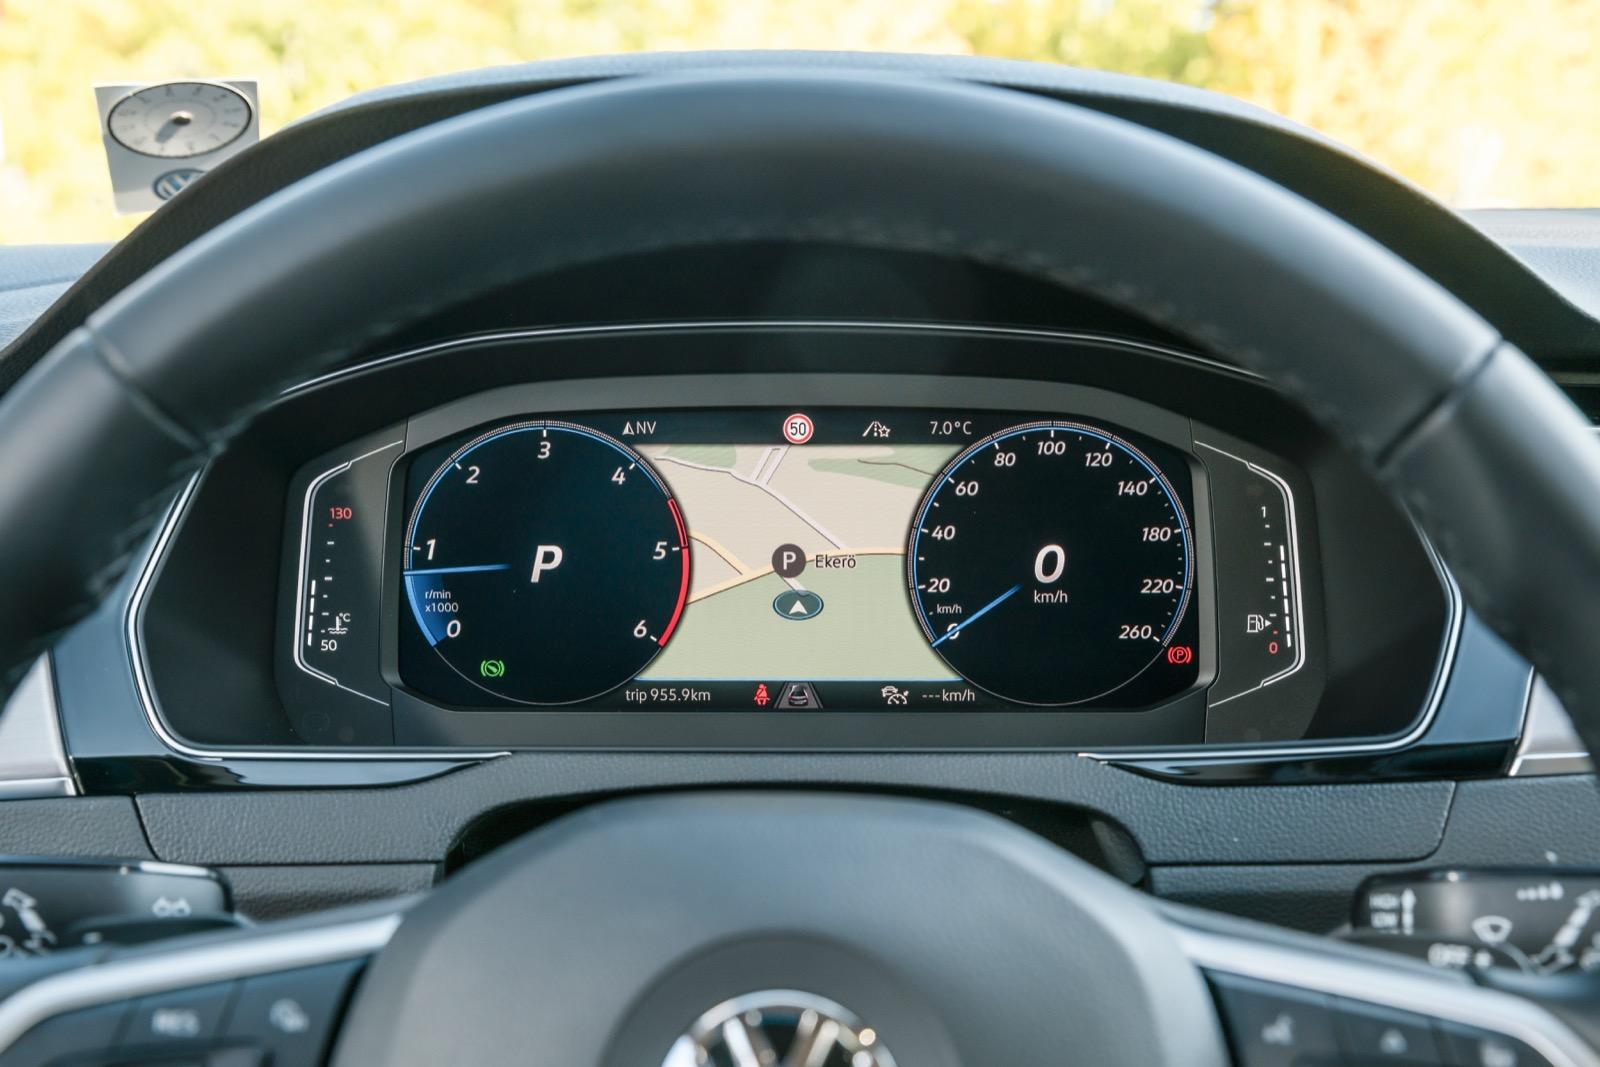 Volkswagen: Det digitala instrumentklustret är faktiskt lite mindre än innan facelift. Dock förbättrad upplösning. VW har flest vy-alternativ, varav ett föredömligt avskalat.